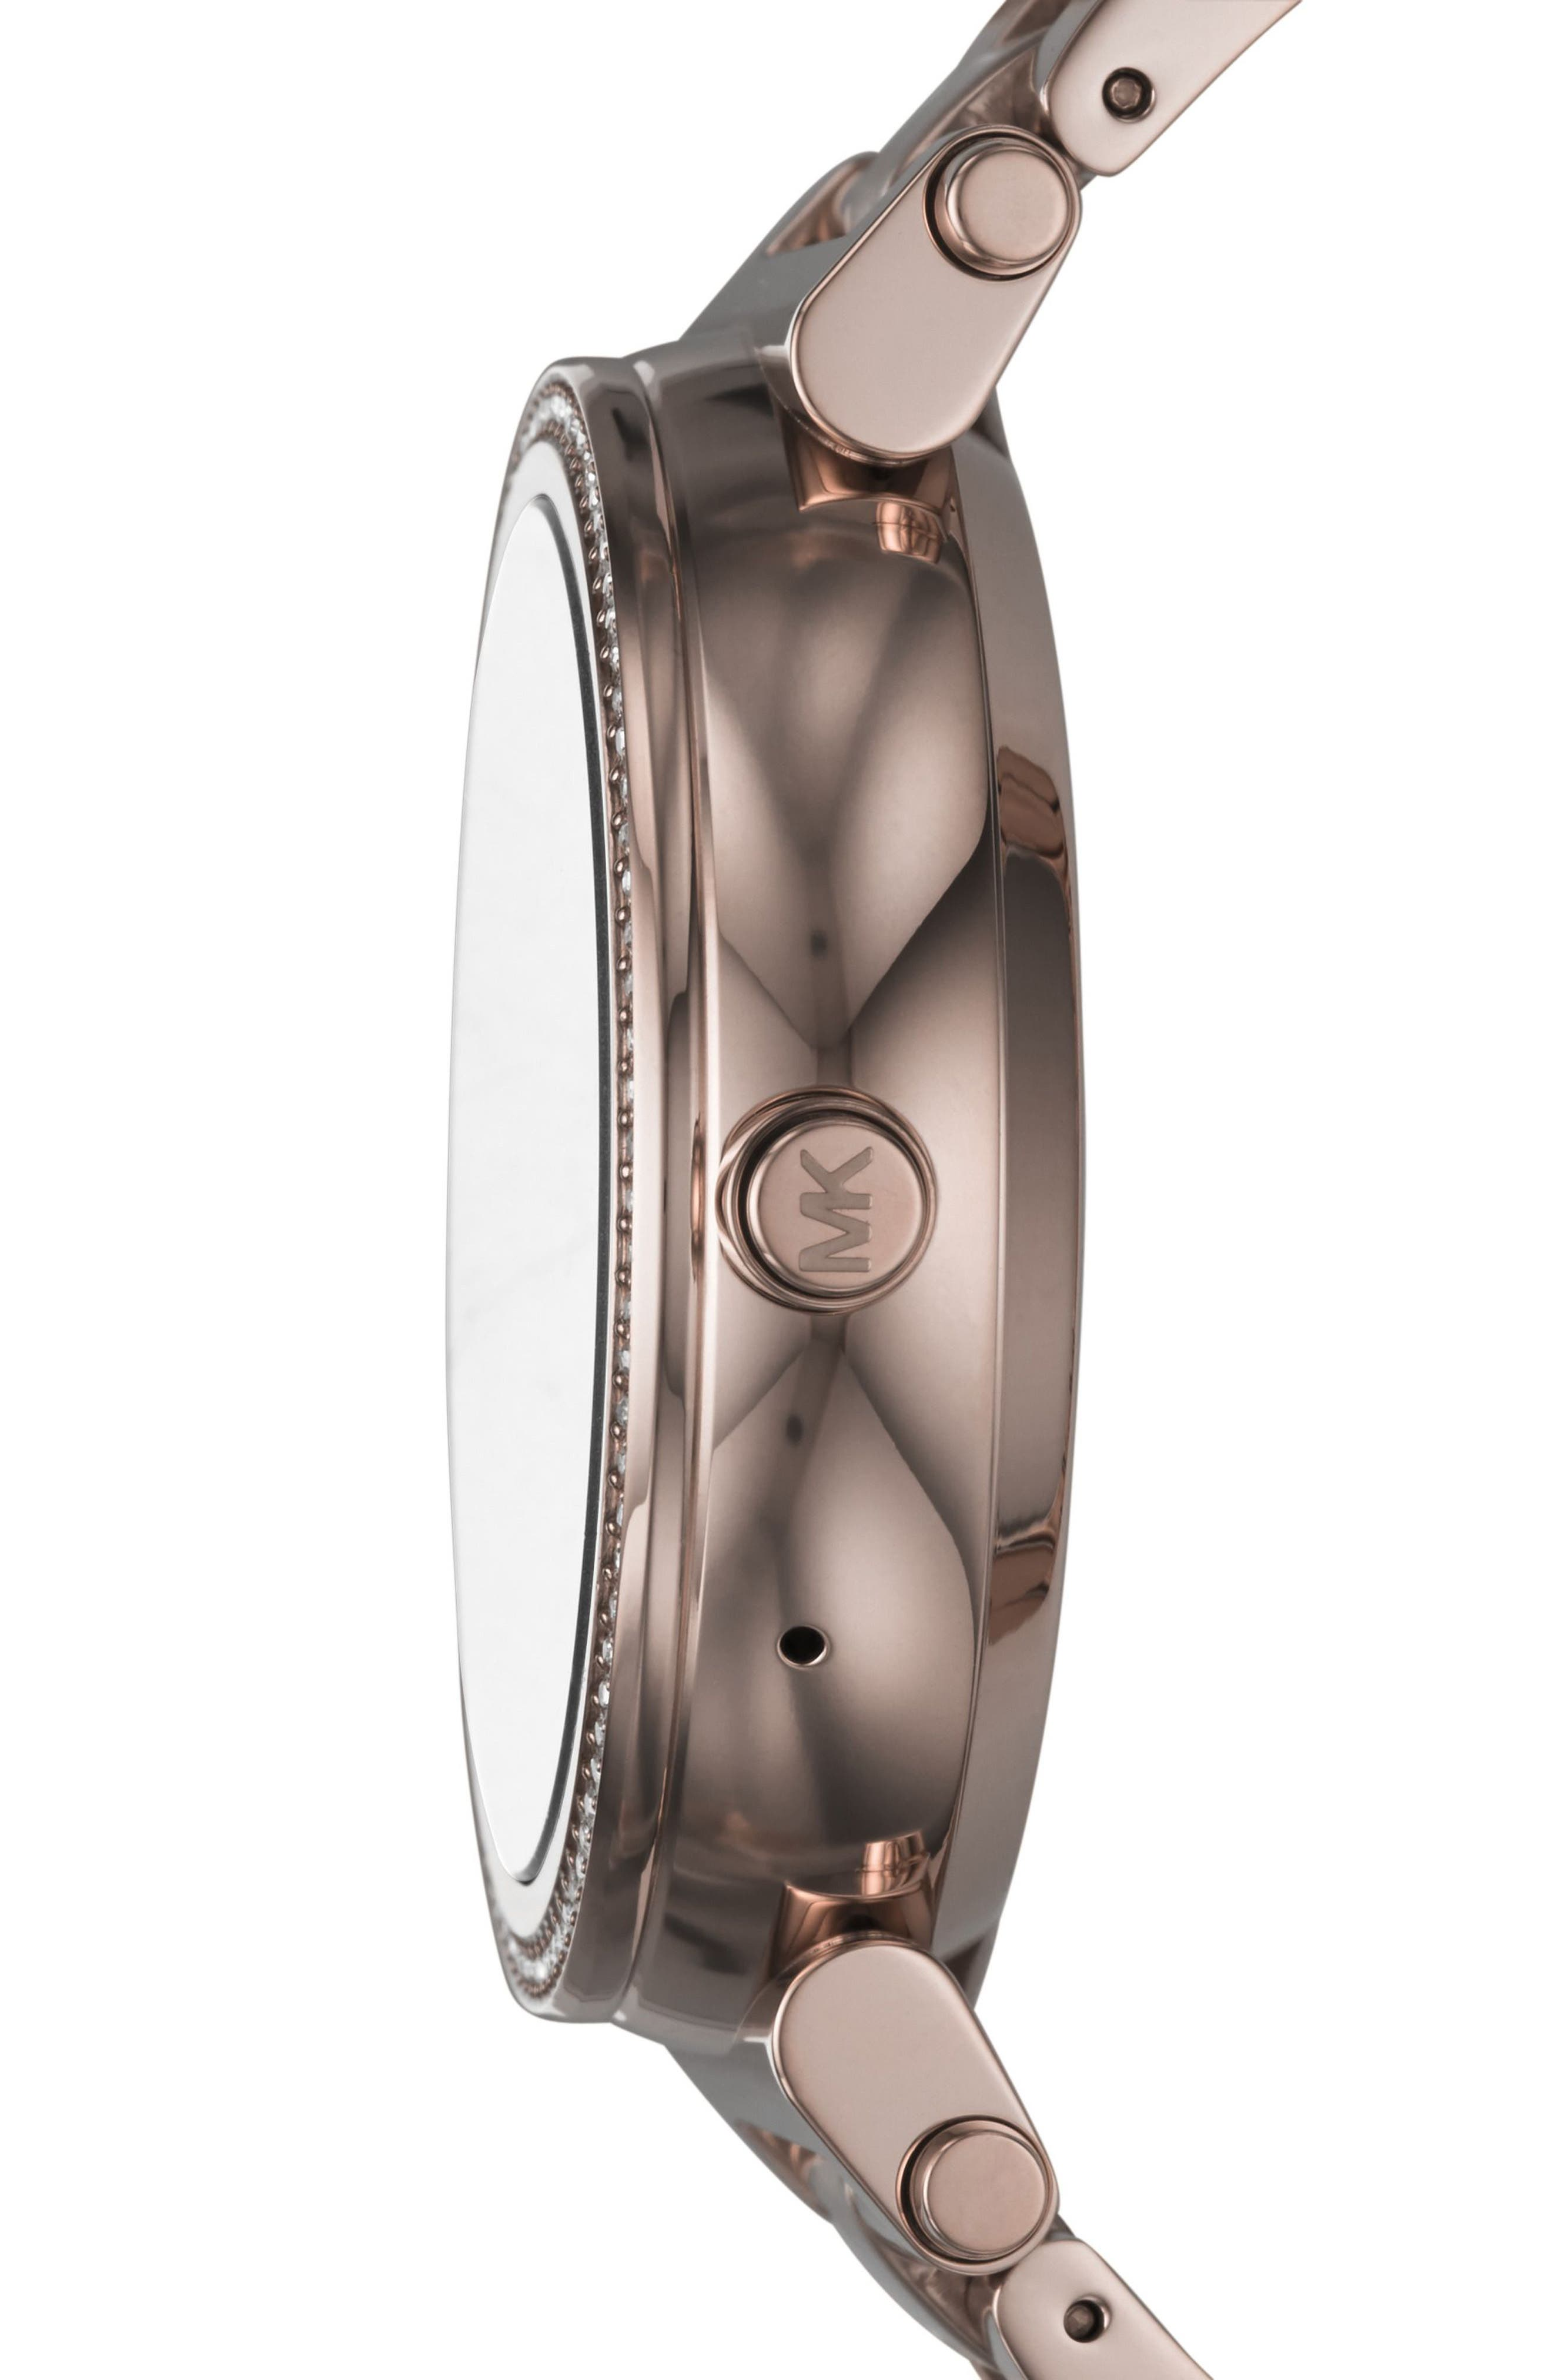 MICHAEL KORS ACCESS, Sofie Smart Bracelet Watch, 42mm, Alternate thumbnail 3, color, SABLE